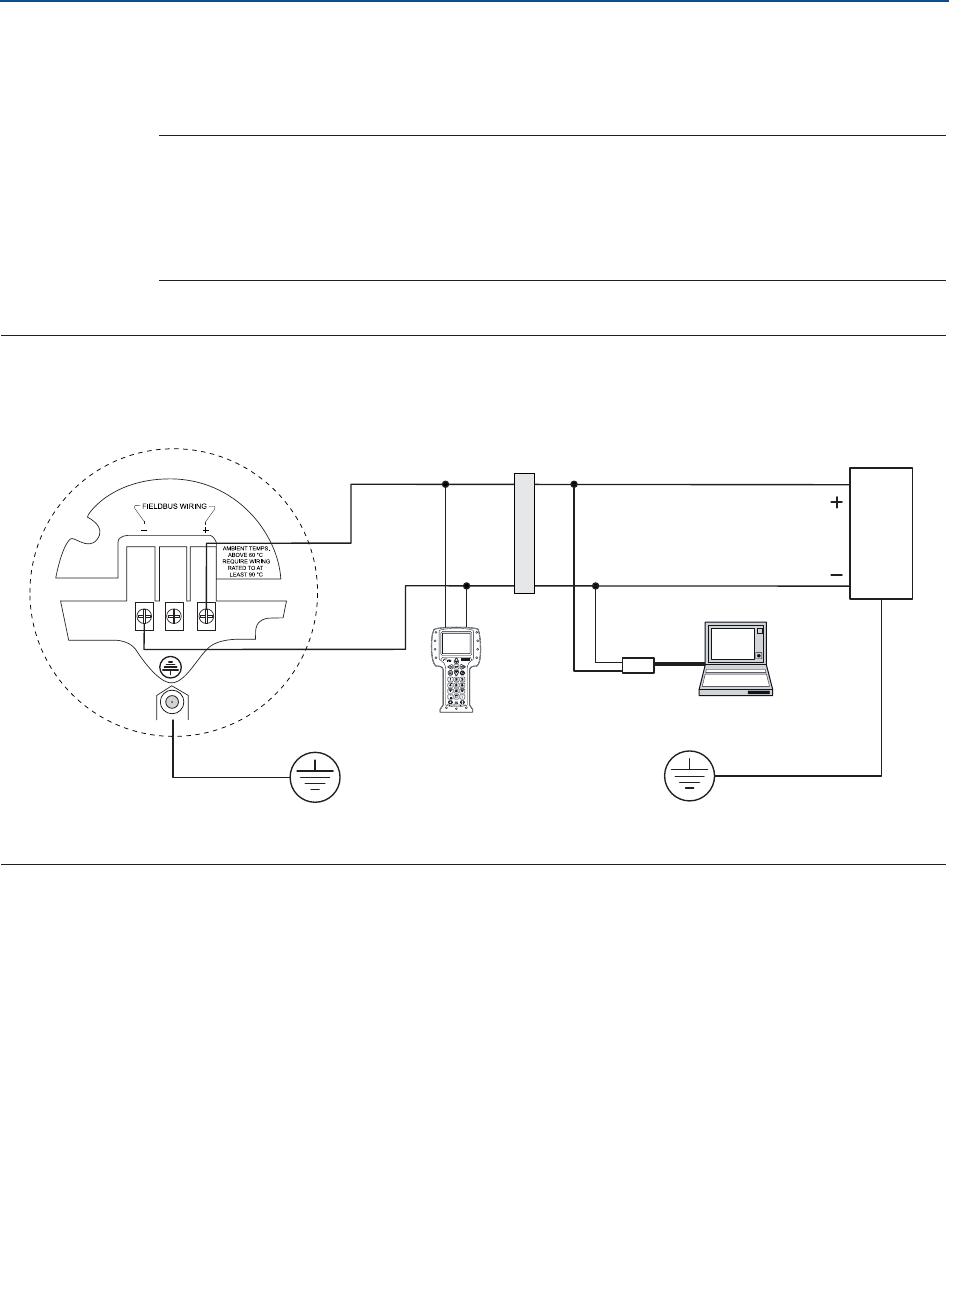 Rosemount Ph Probe Wiring Diagram 33 1066 Regal